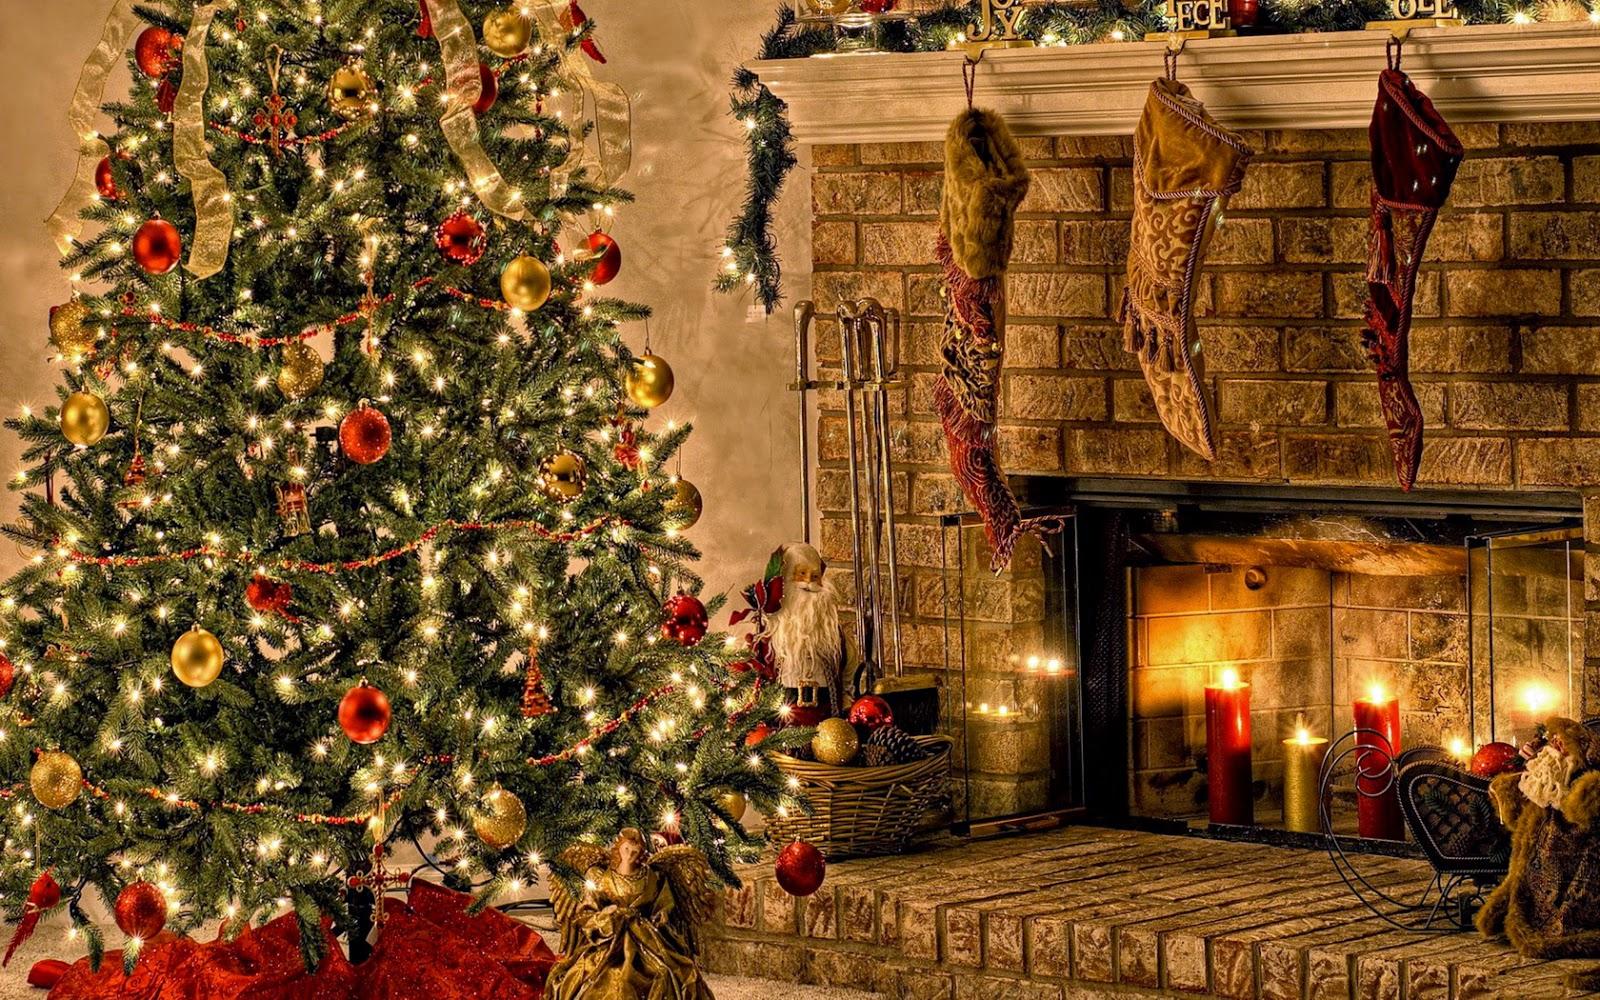 datos curiosos de navidad